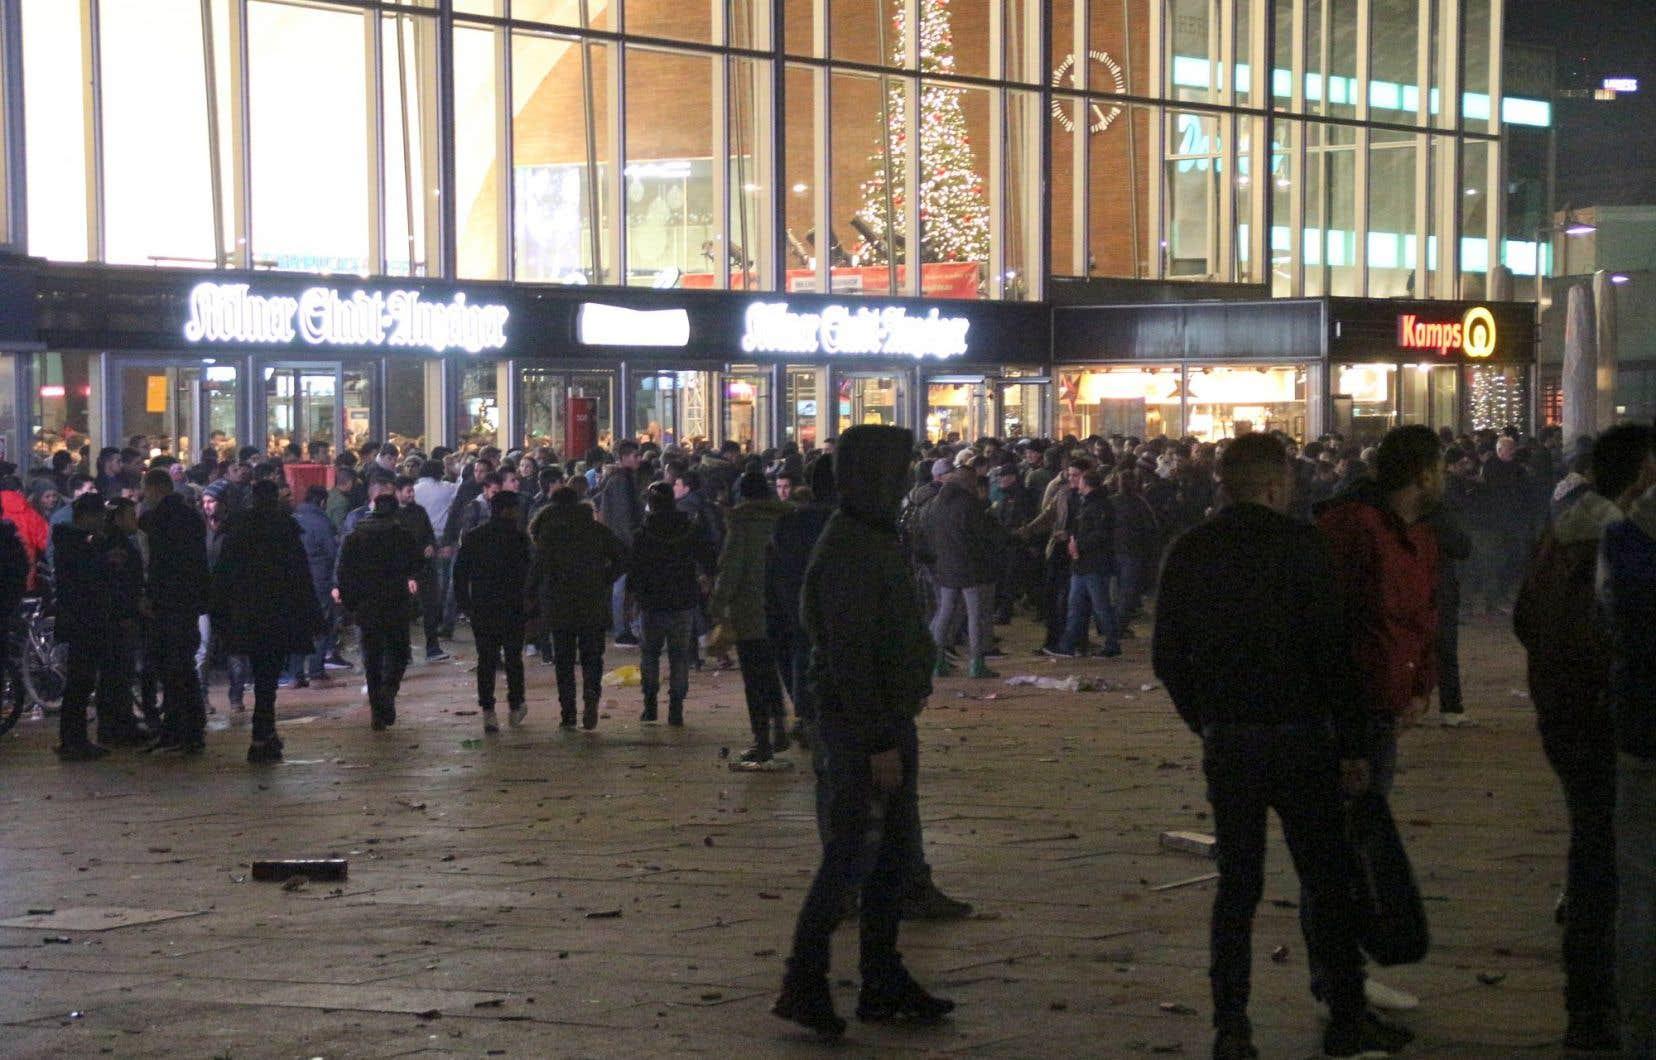 Photo prise à la Saint-Sylvestre, alors que la gare de Cologne était bondée. Des centaines de femmes ont déposé des plaintes pour agressions ce soir-là.